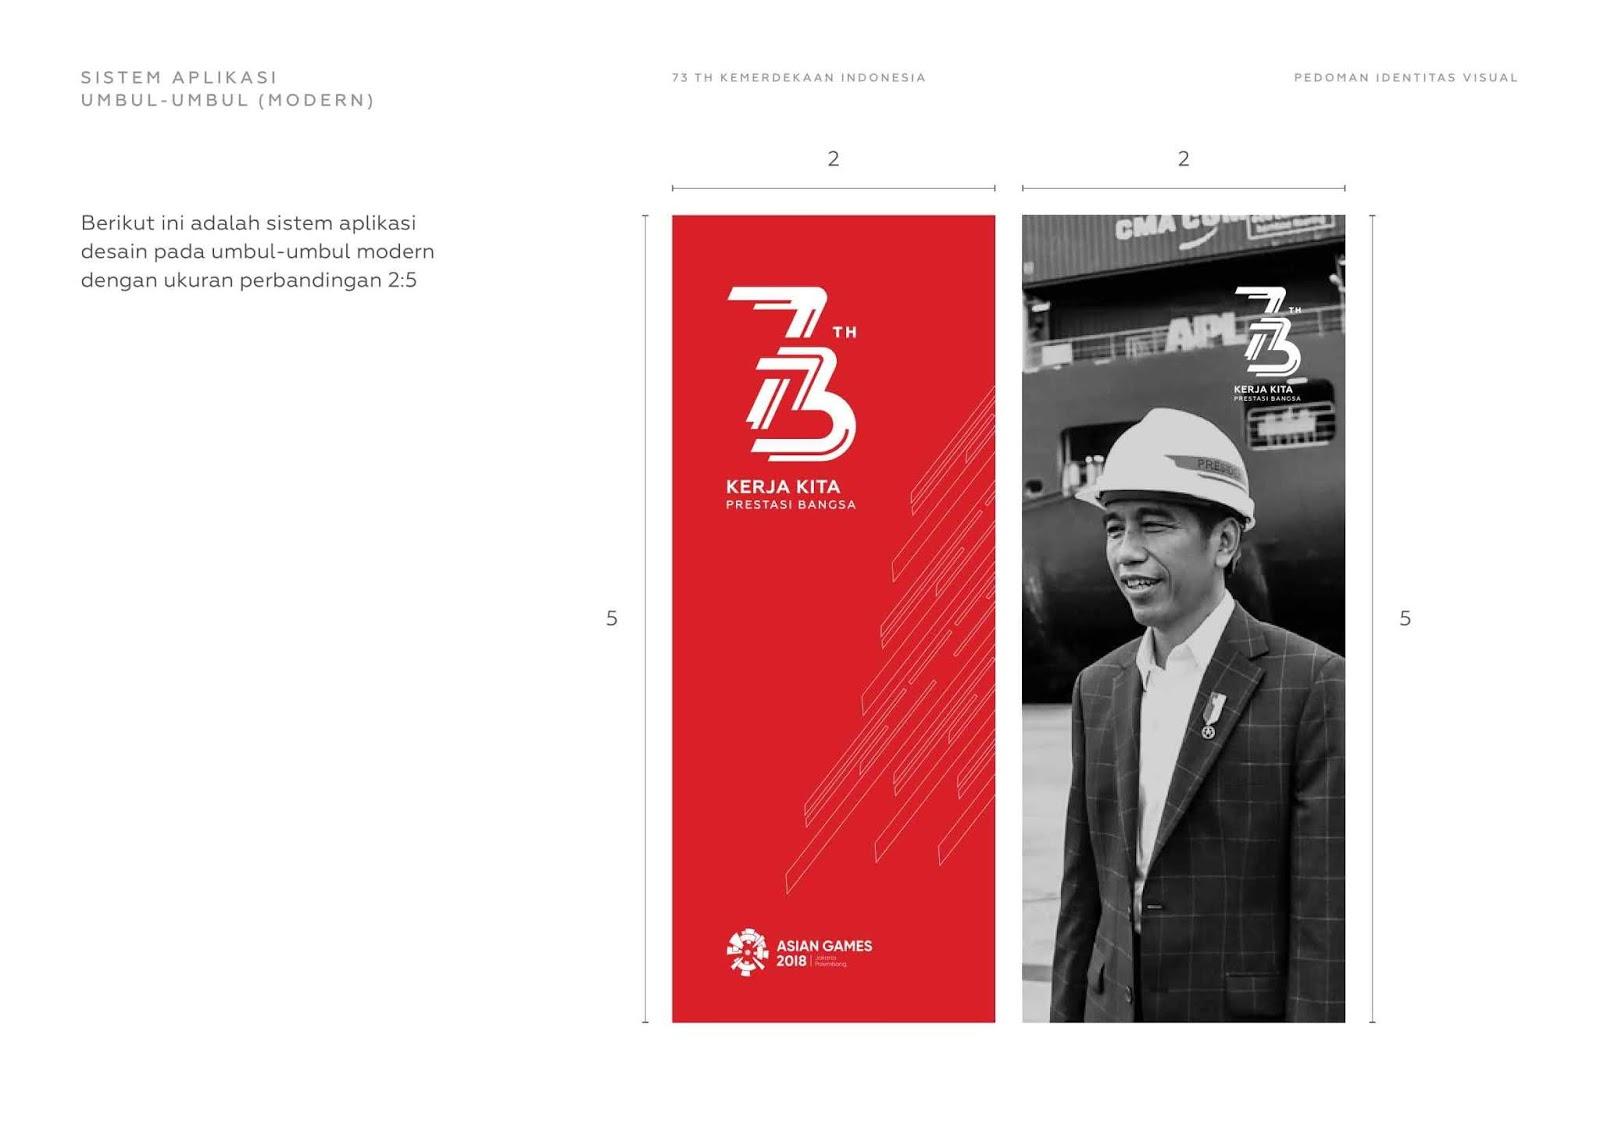 Contoh Penggunaan Logo Hut Ri Ke 73 Tahun 2018 Di Berbagai Media